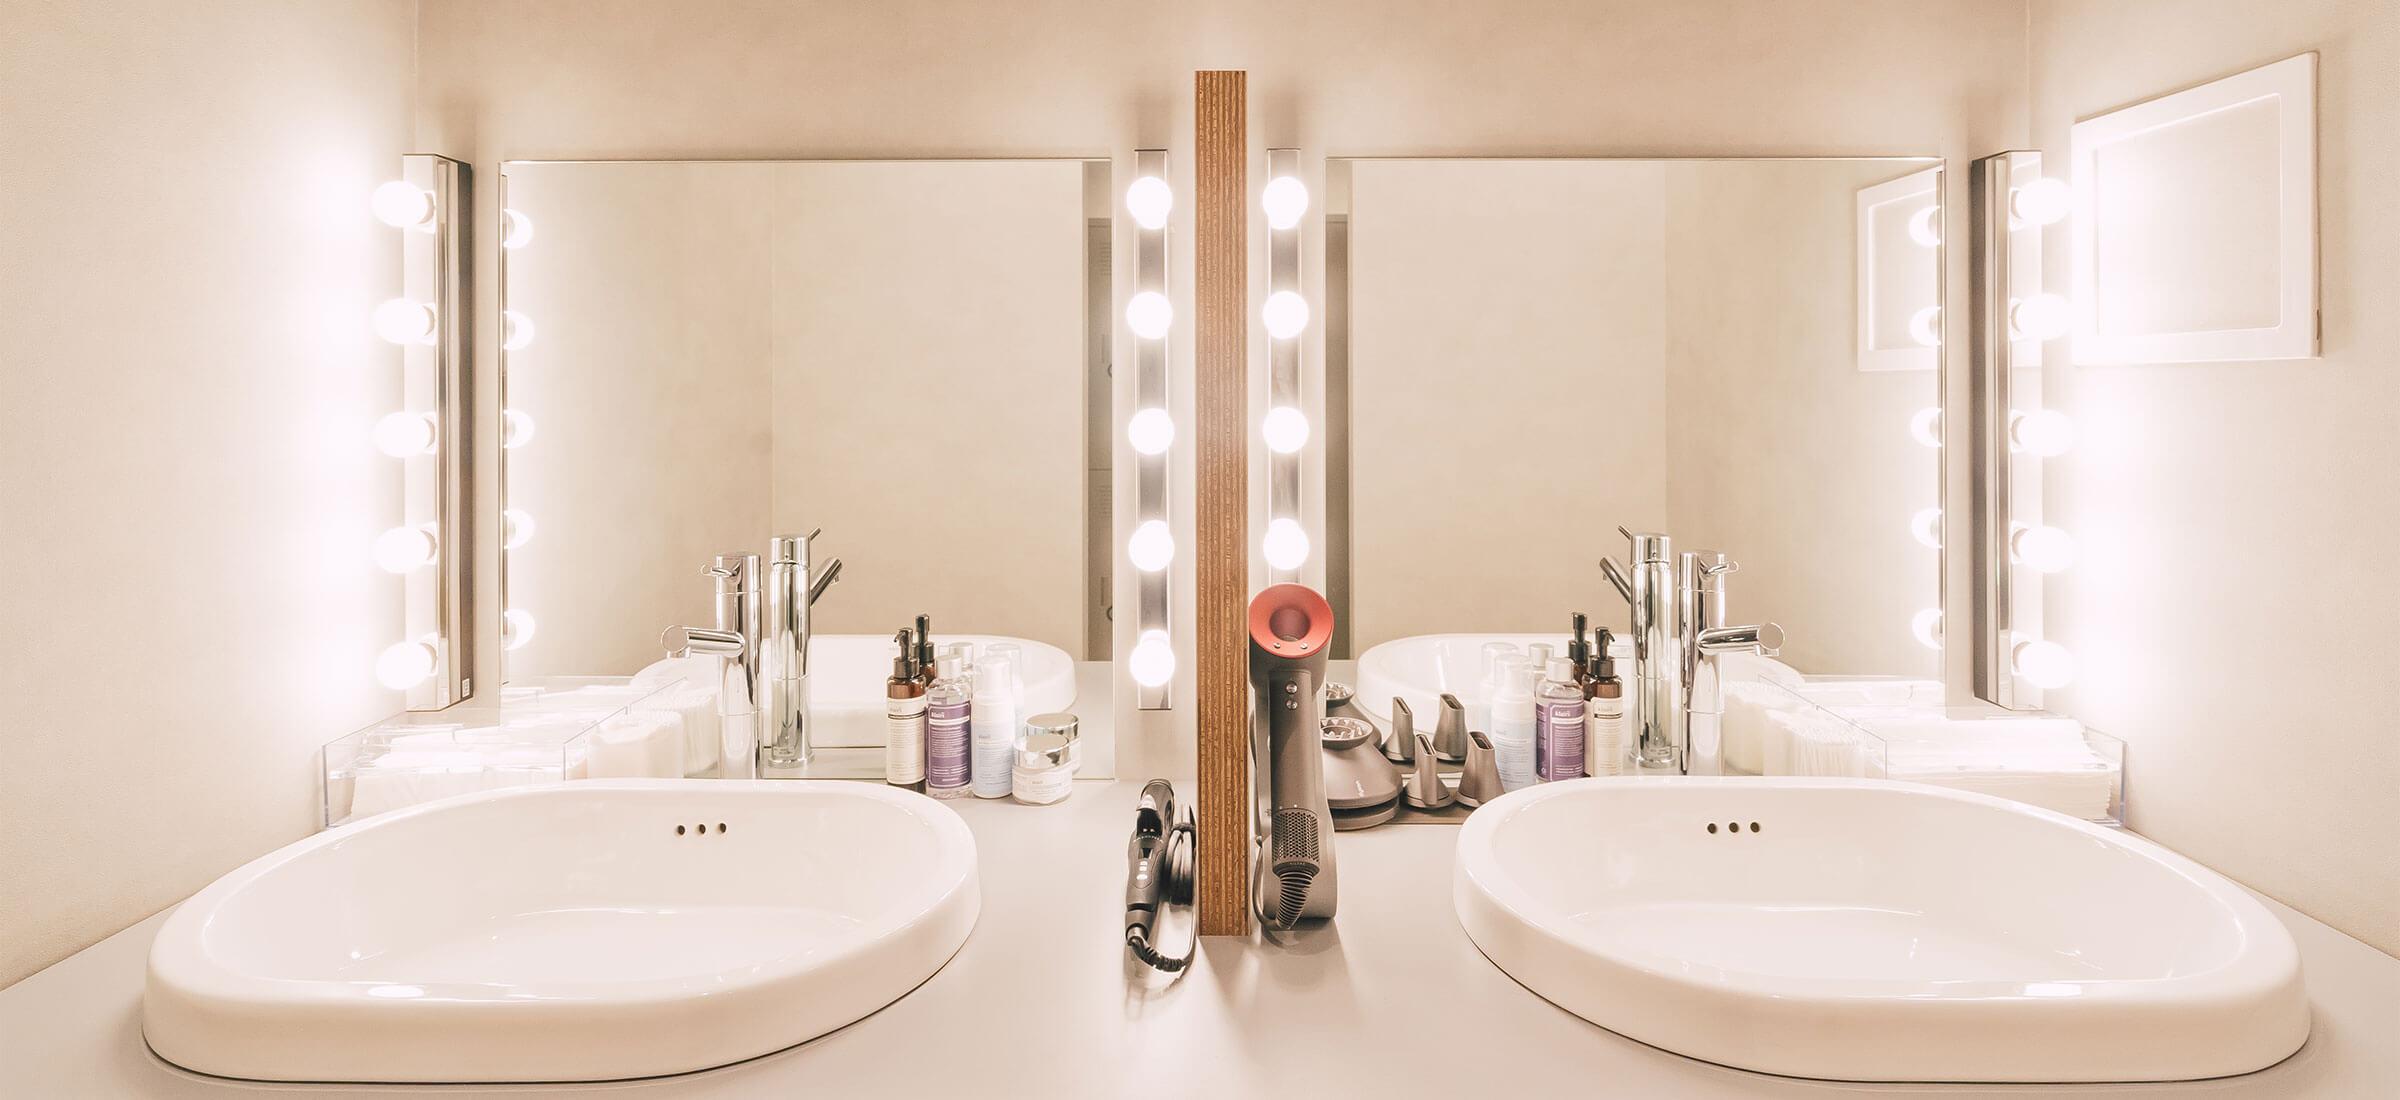 パーソナルトレーニングジム UNDEUX銀座スタジオ 化粧室~使いやすいアメニティ、コスメがありますので、トレーニング後も身なりを整えてお出かけOK